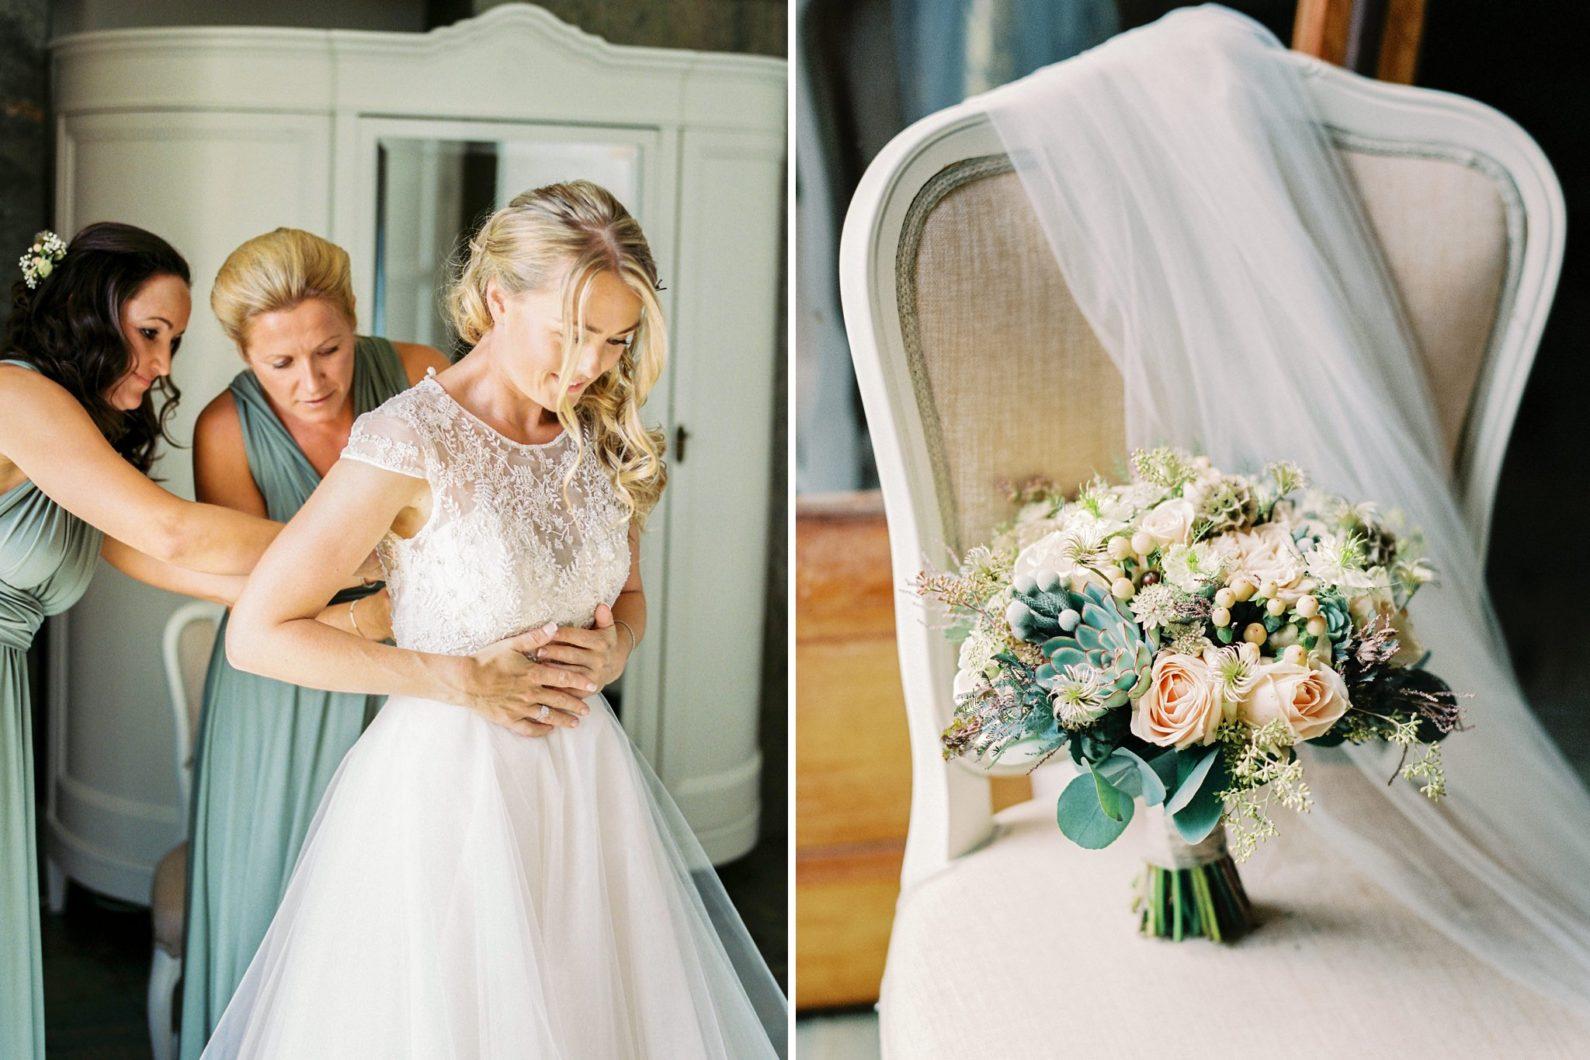 Eline-Jacobine-Photography-Bjertorp-slott-bryllup-fotograf-Kvenum-kirke-mansion-wedding-Sweden-Sverige-bryllup_0003